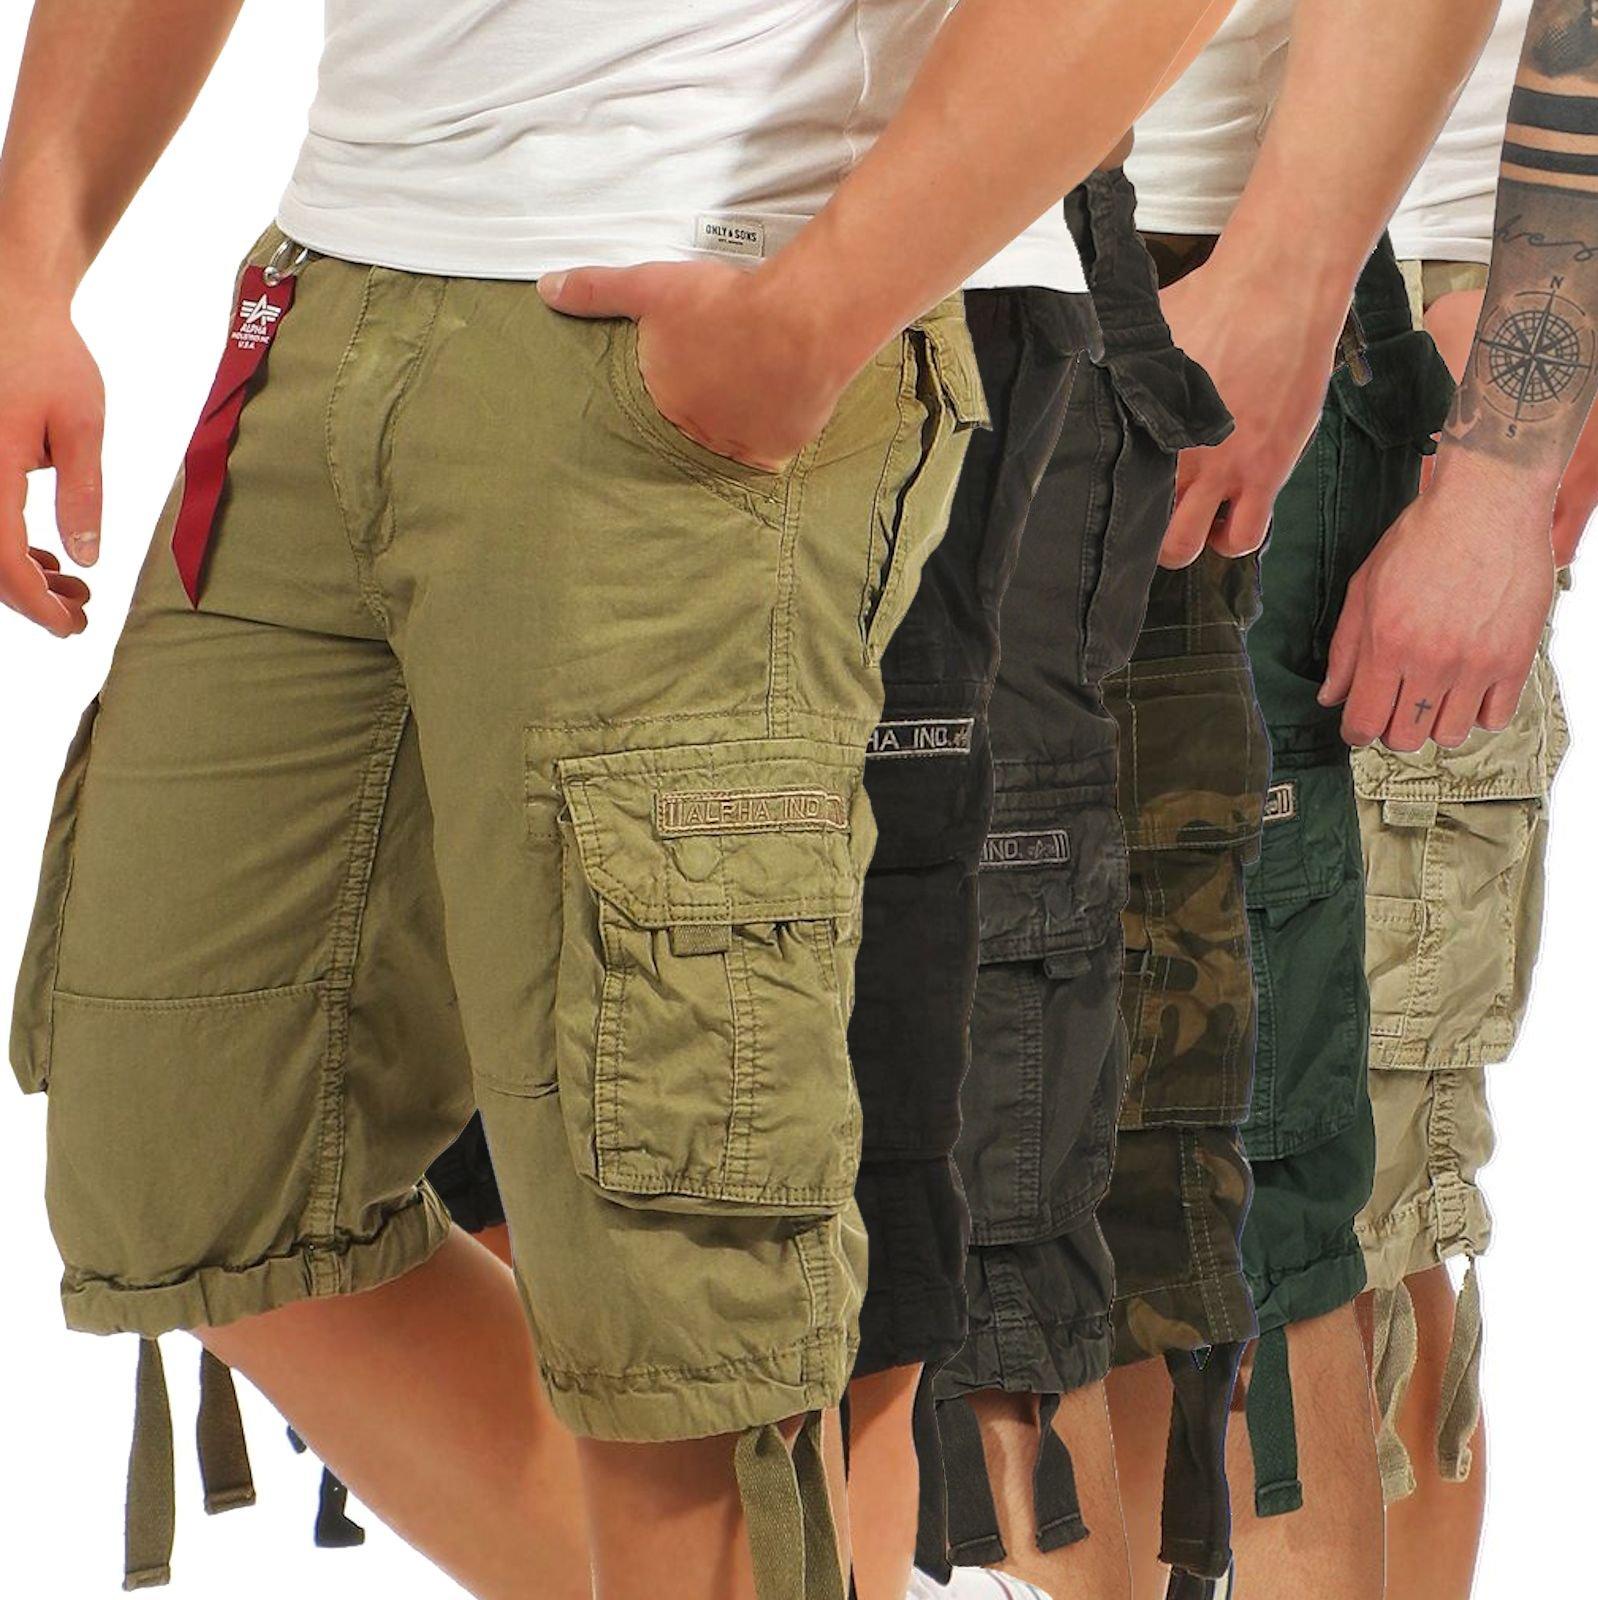 Details about Alpha Industries Men's Cargo Shorts JET Short Trousers Bermuda Men Short 191200 show original title